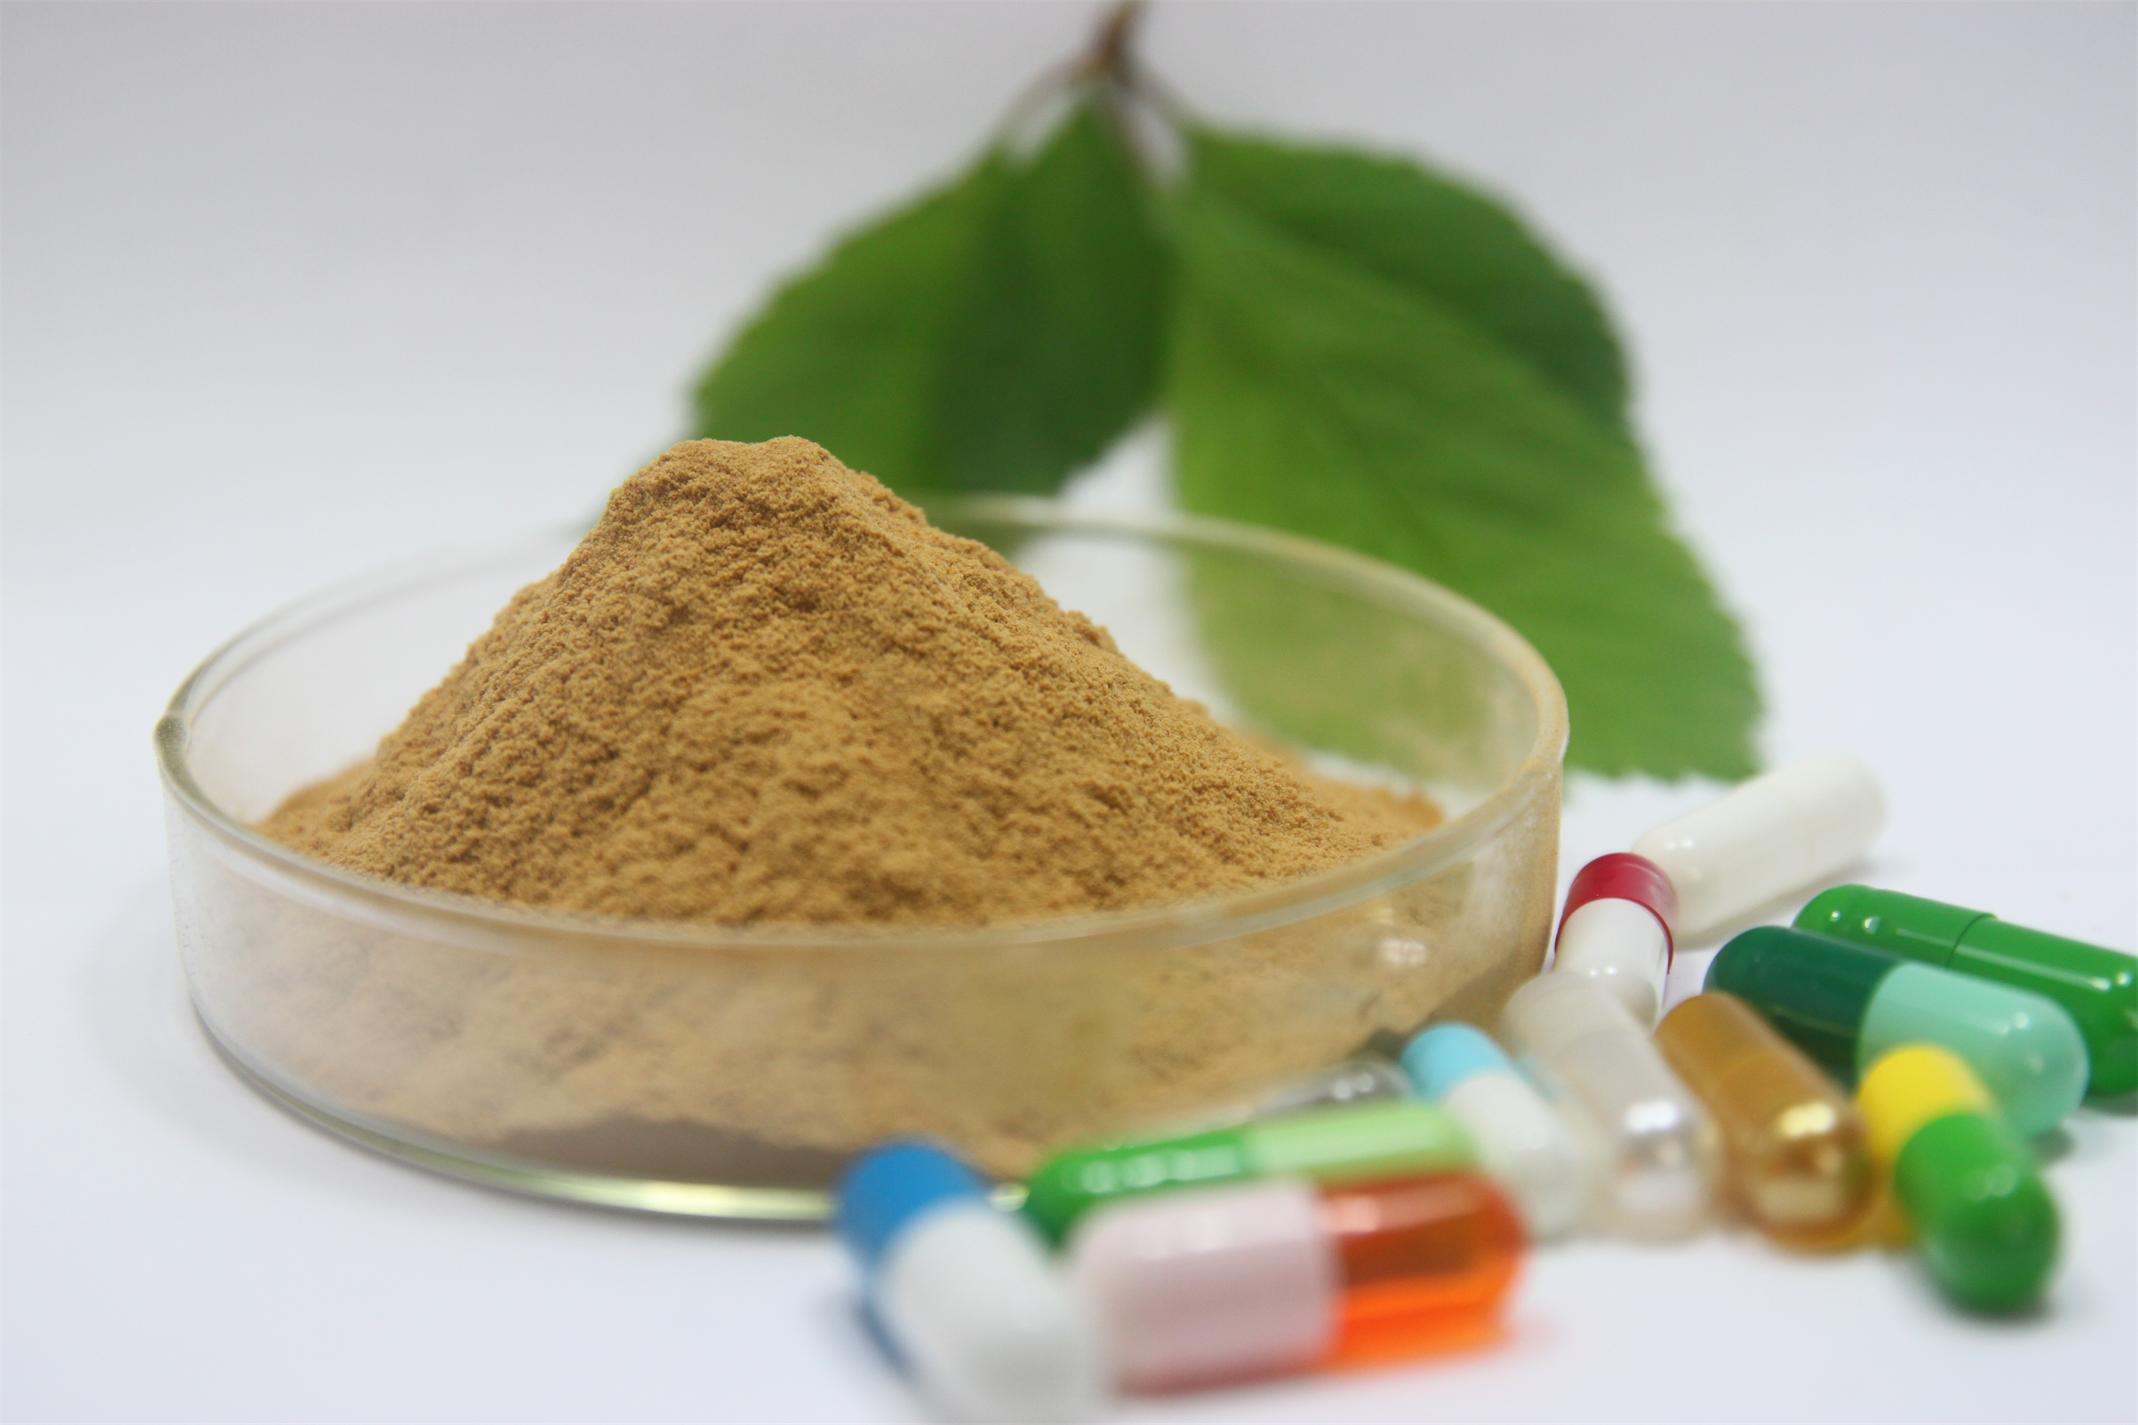 GMP, экстракт зеленого чая порошок с egcg для Вес веса таблетки для метаболизма boost и здоровья сердца 500 грамм(China (Mainland))